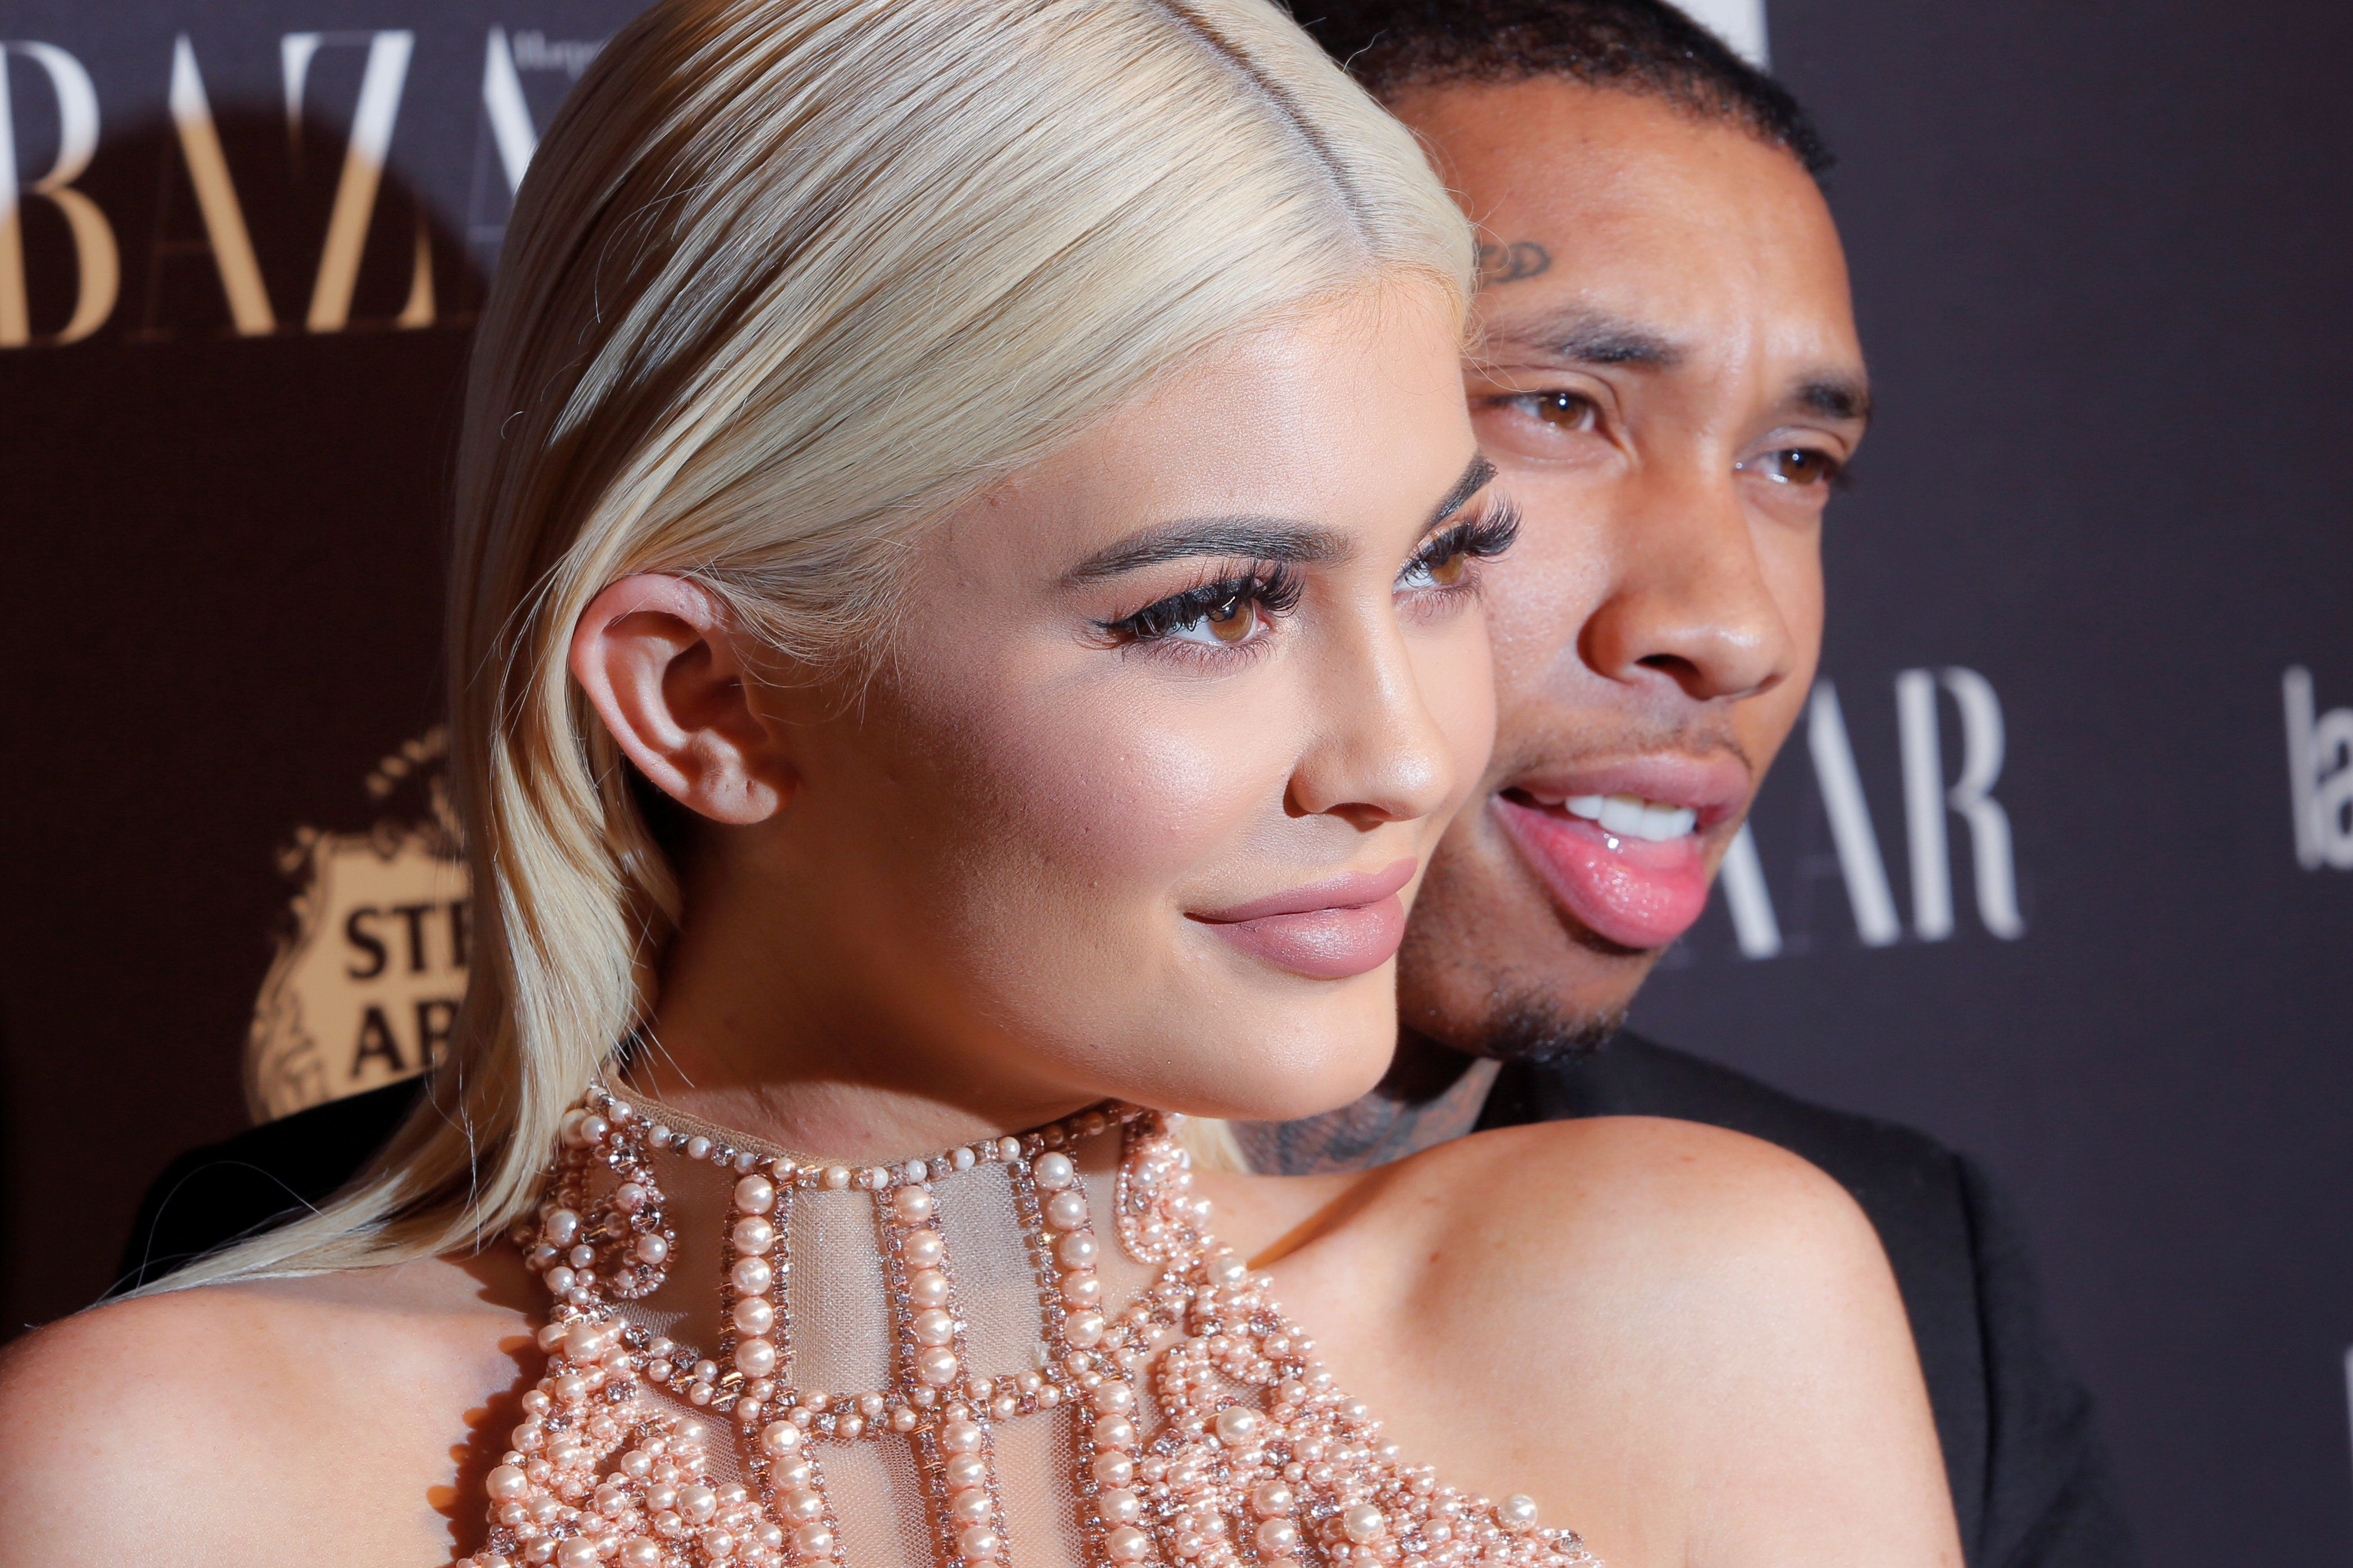 Η Kylie Jenner ονόμασε τη νεογέννητη κόρη της «Καταιγίδα» και οι αντιδράσεις ήταν μάλλον